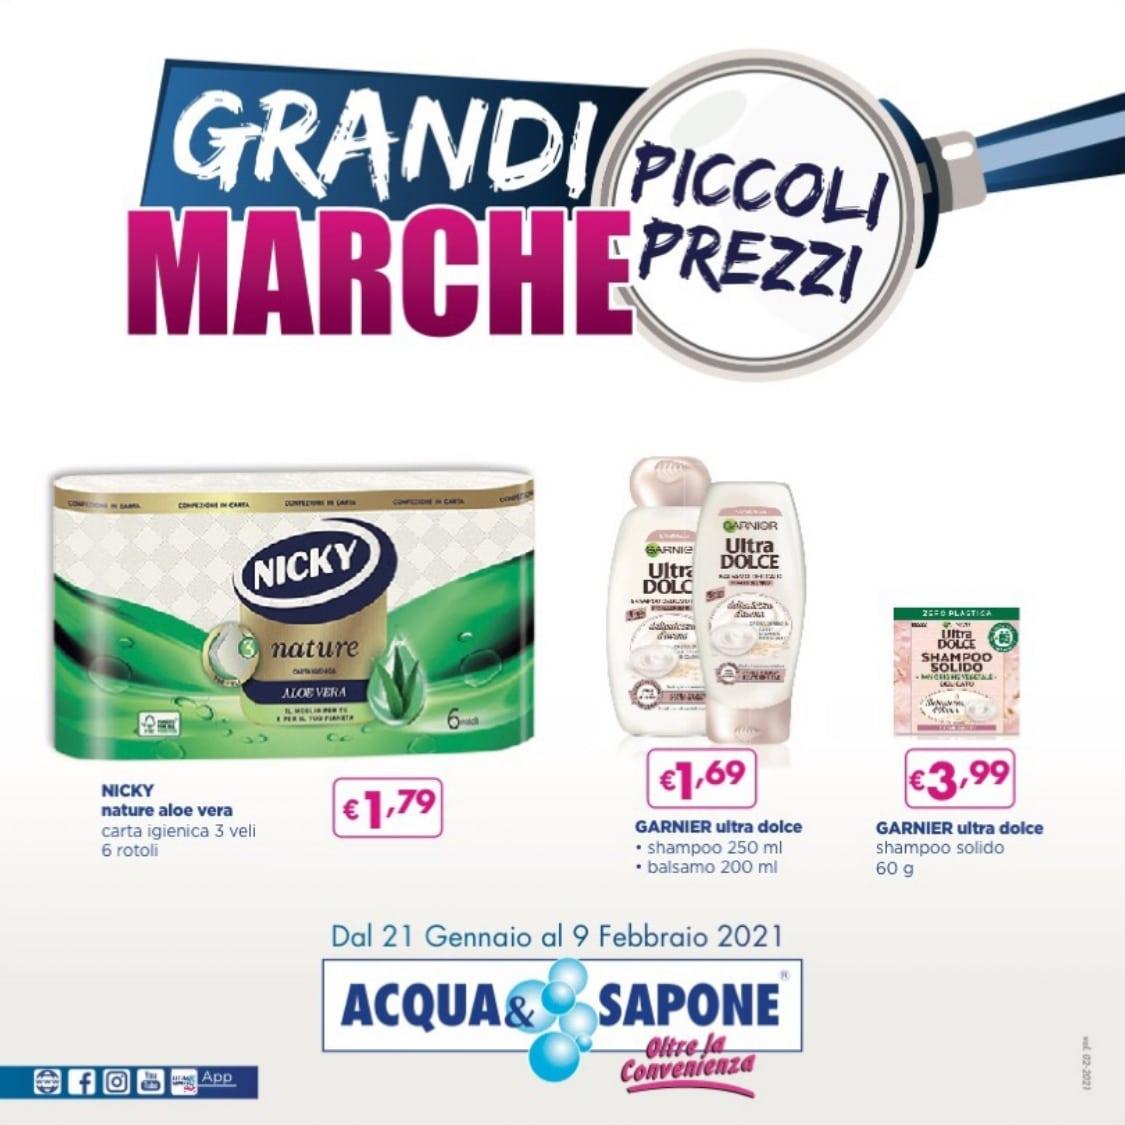 Volantino Acqua & Sapone 21 Gennaio - 9 Febbario 2021